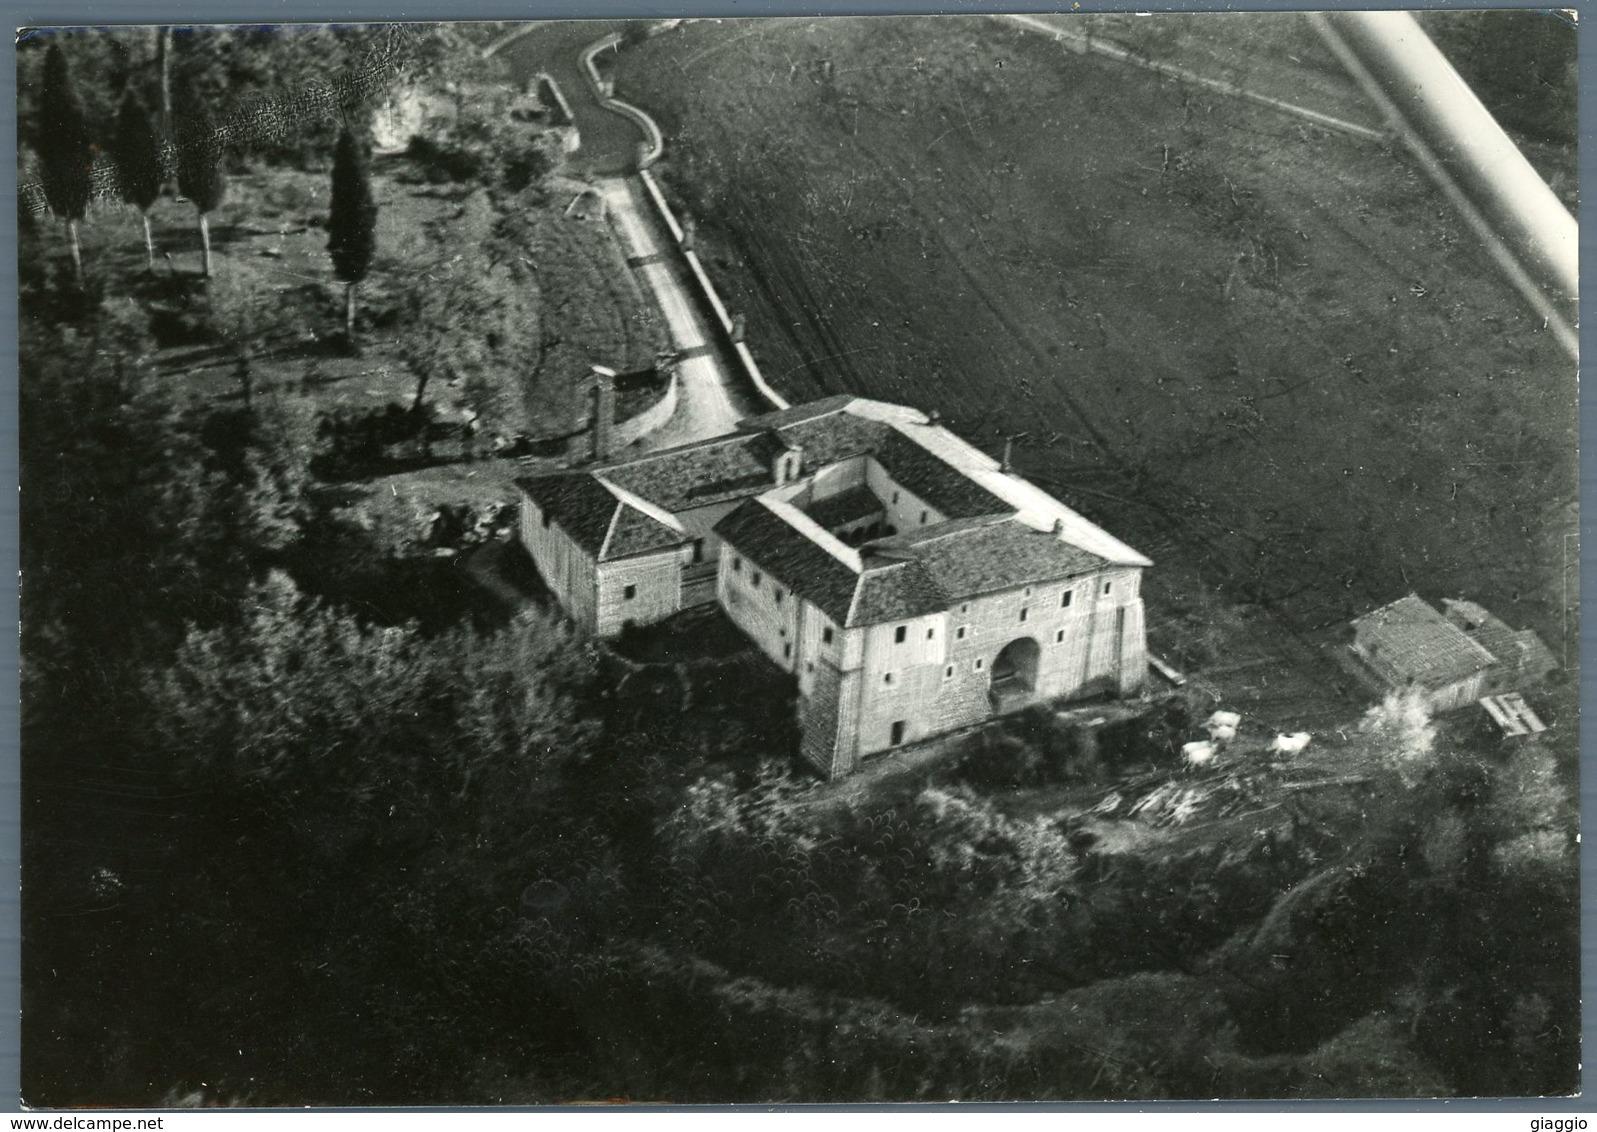 °°° Cartolina N. 80 Rieti Santuario Francescano (la Foresta) Visto Dall'aereo Nuova °°° - Rieti